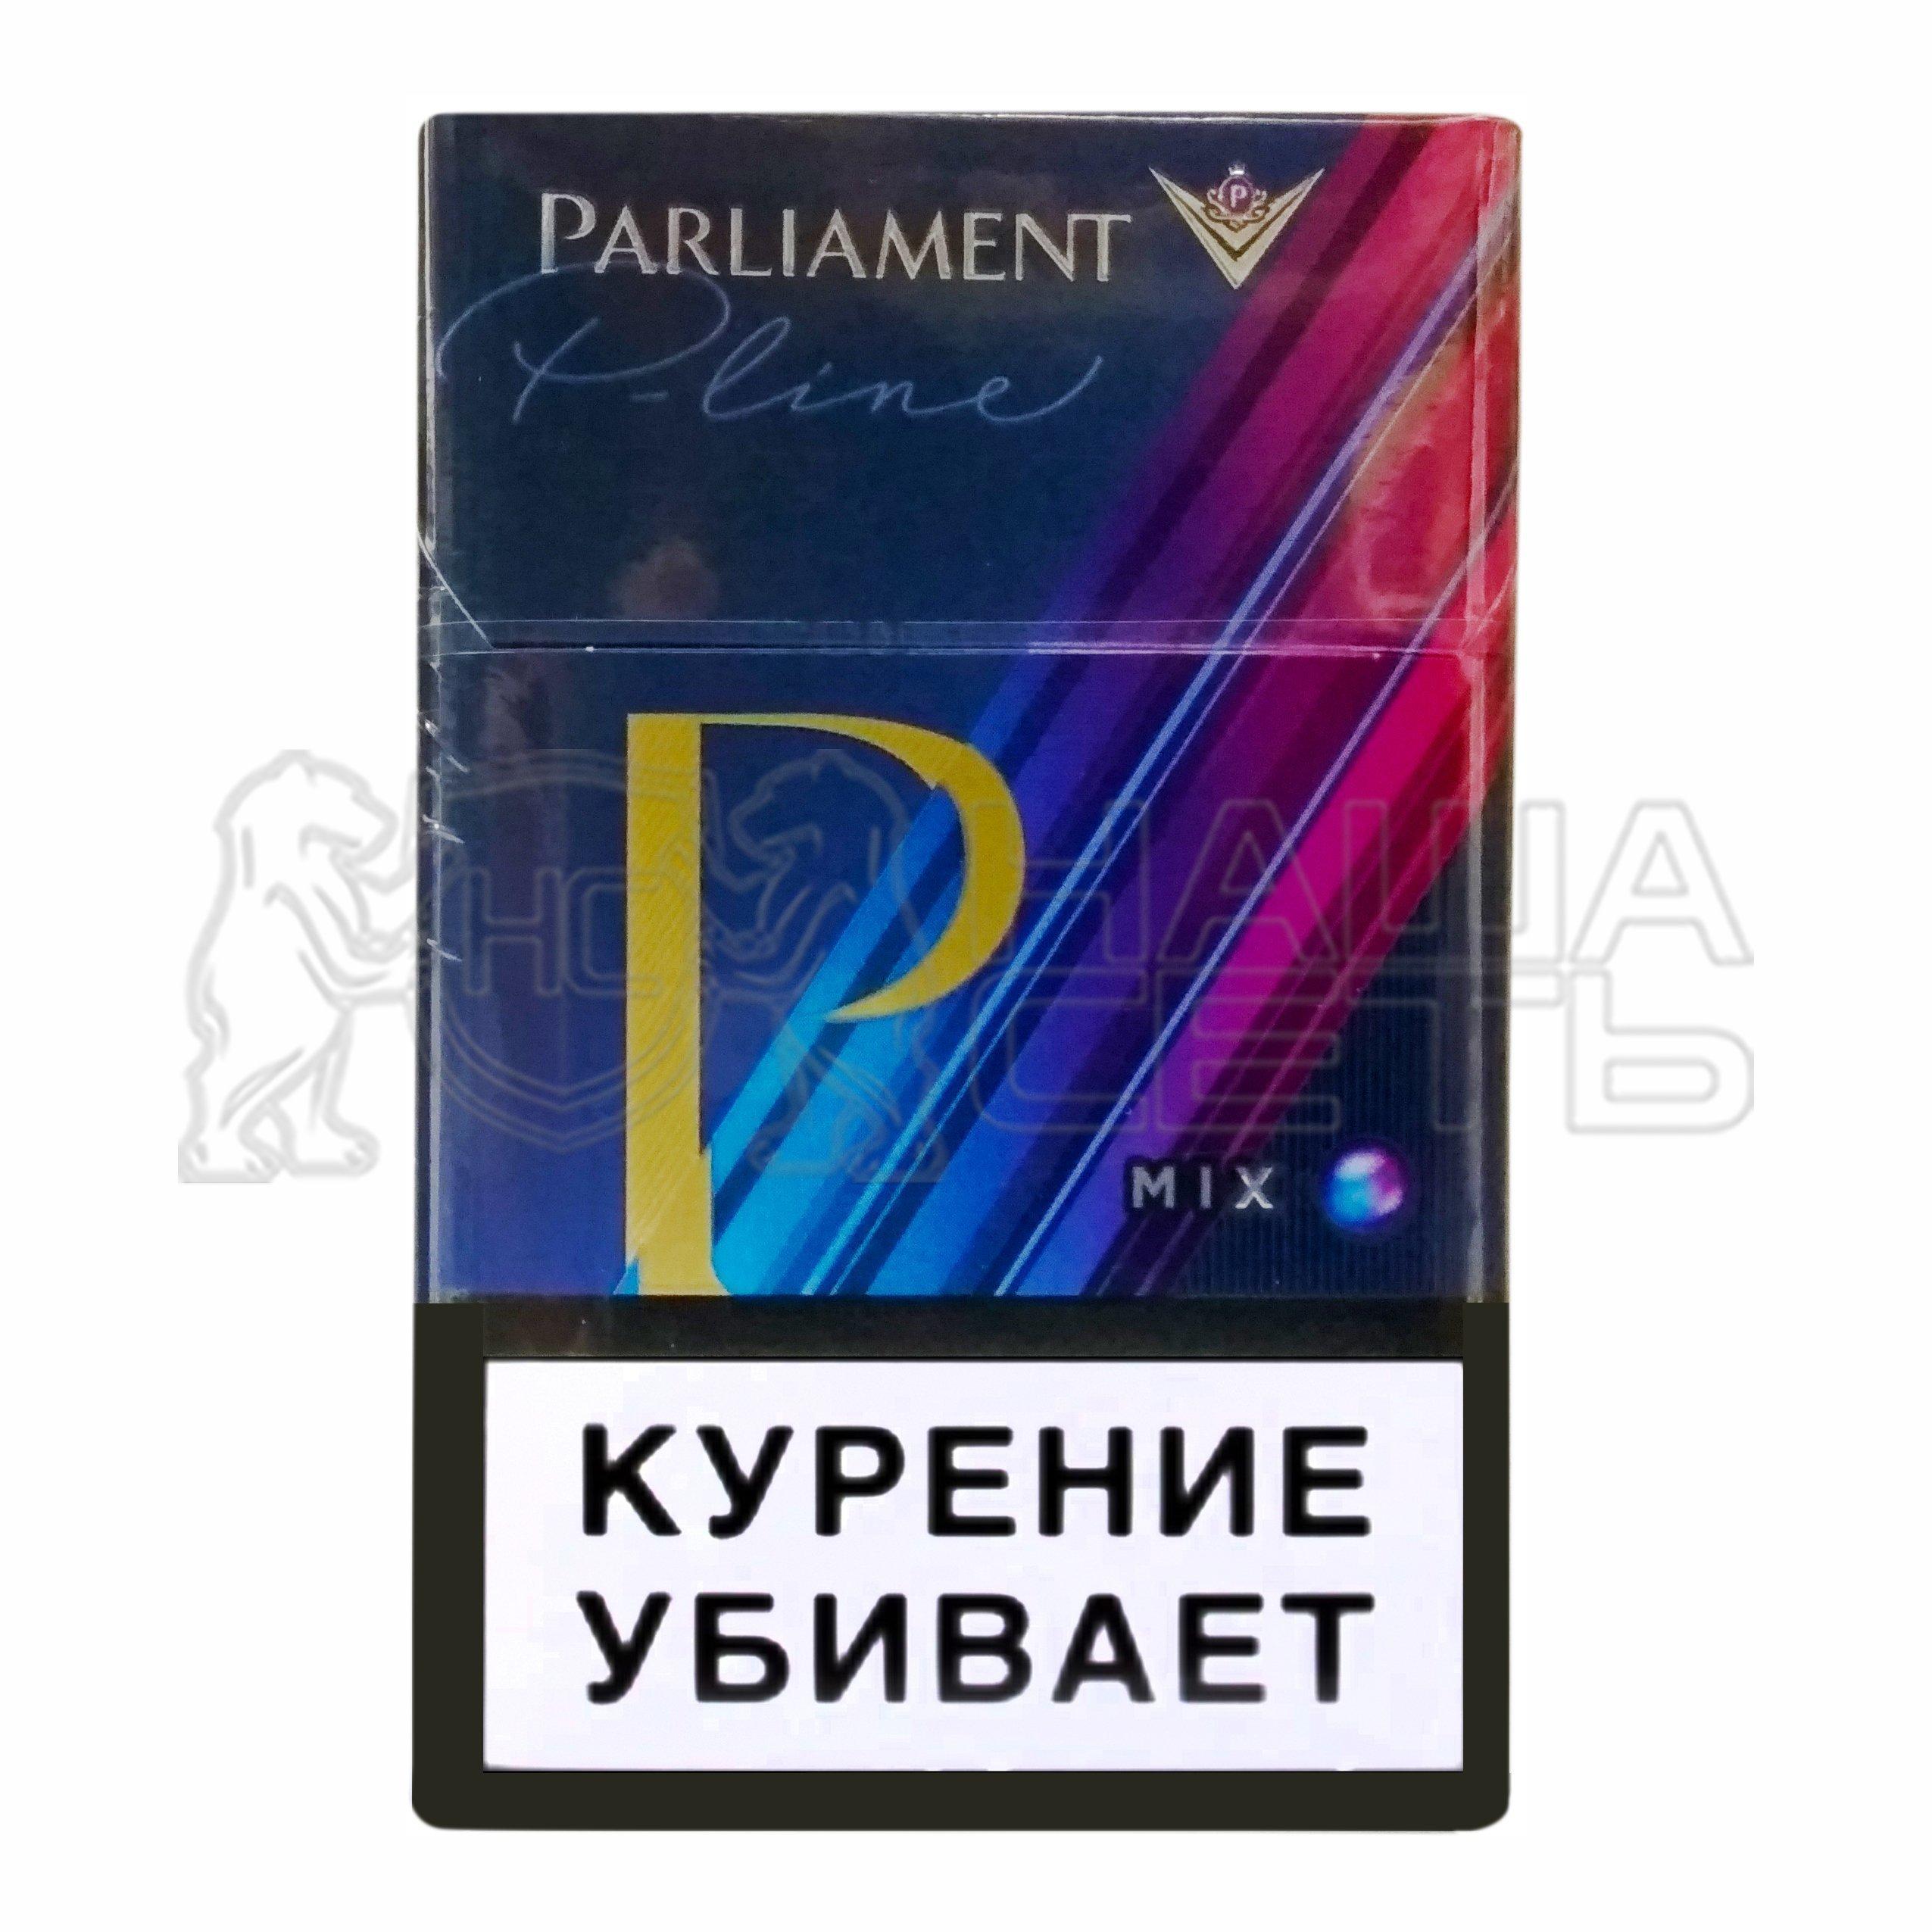 Парламент микс сигареты купить где купить электронную сигарету адреса в краснодаре